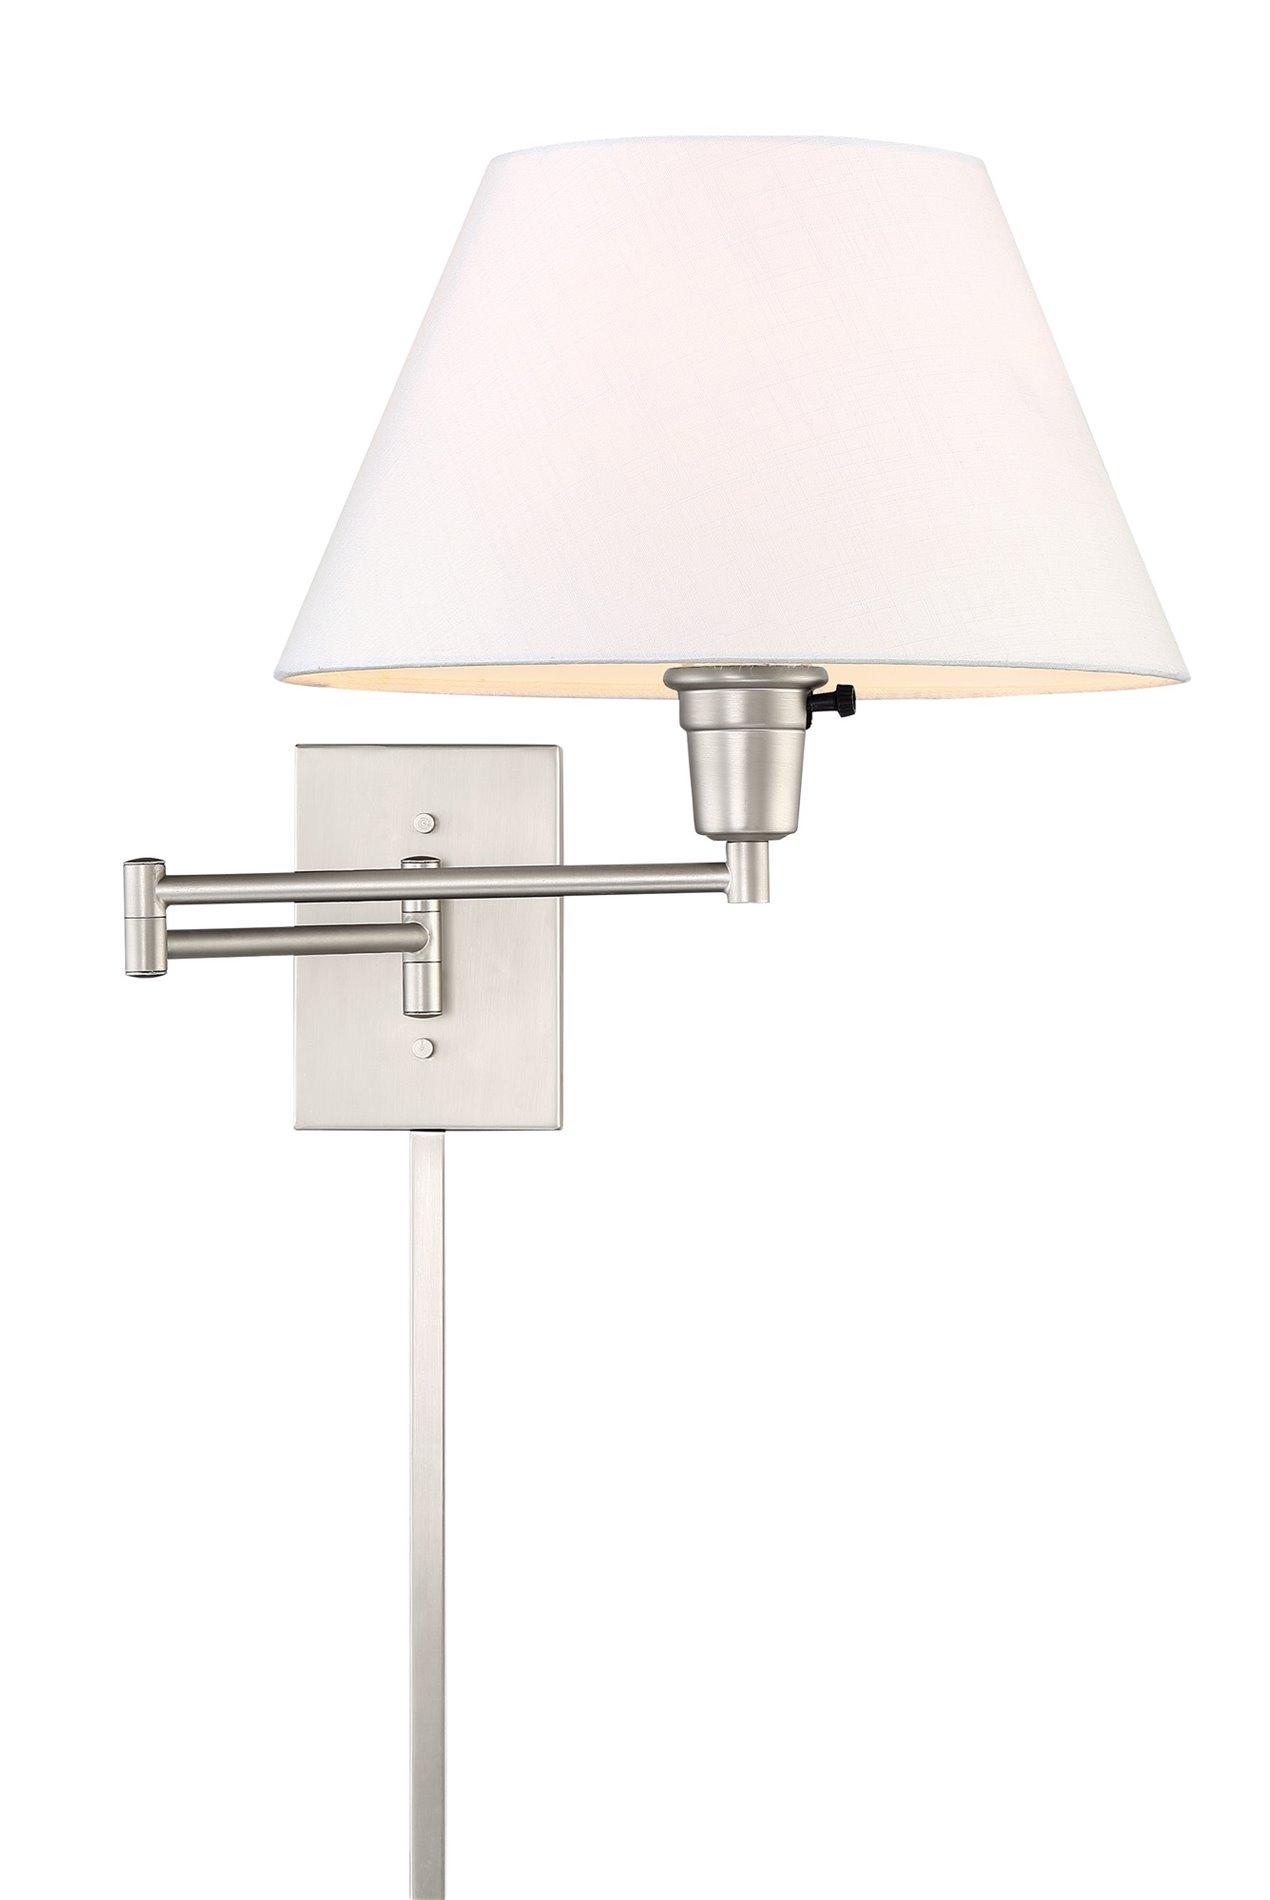 """Cambridge 13/"""" Swing Arm Wall Lamp Plug In//Wall Mount 150W 3-Way Black Fin..."""